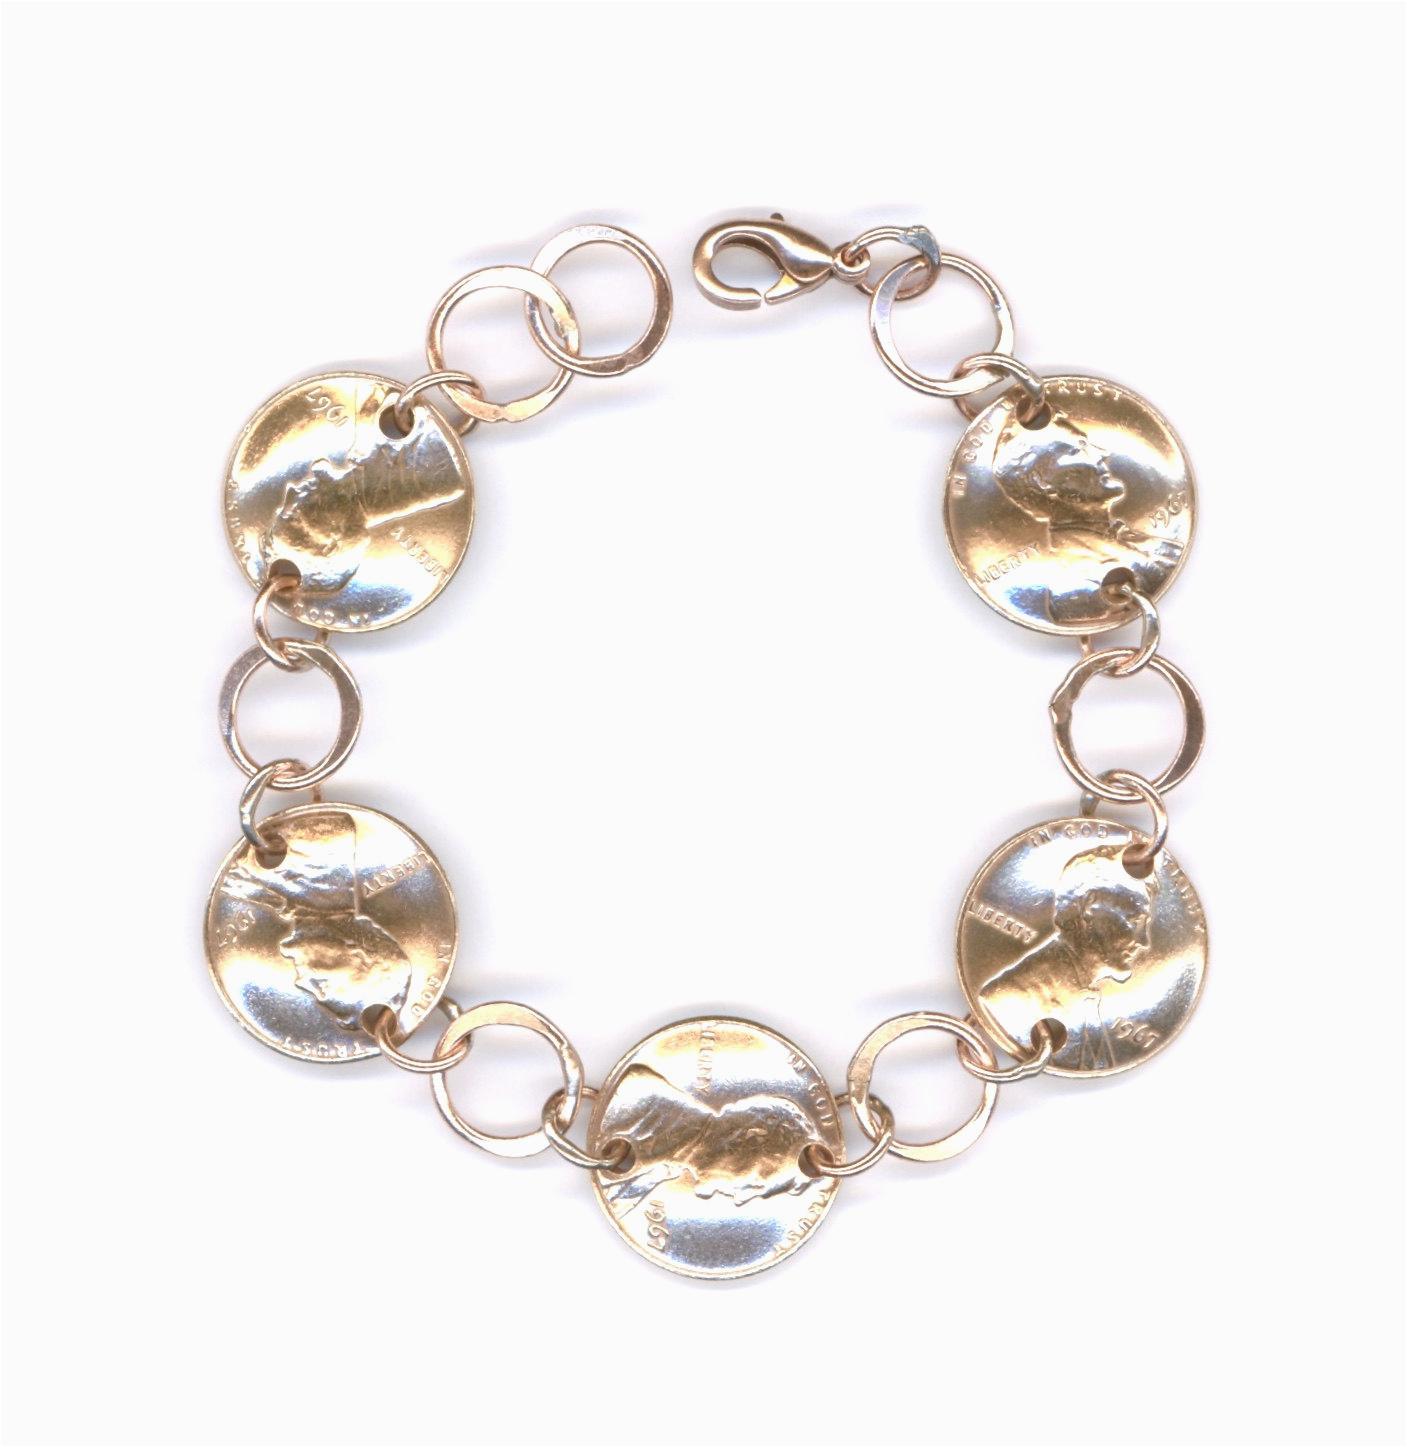 1967 penny bracelet jewelry 50th